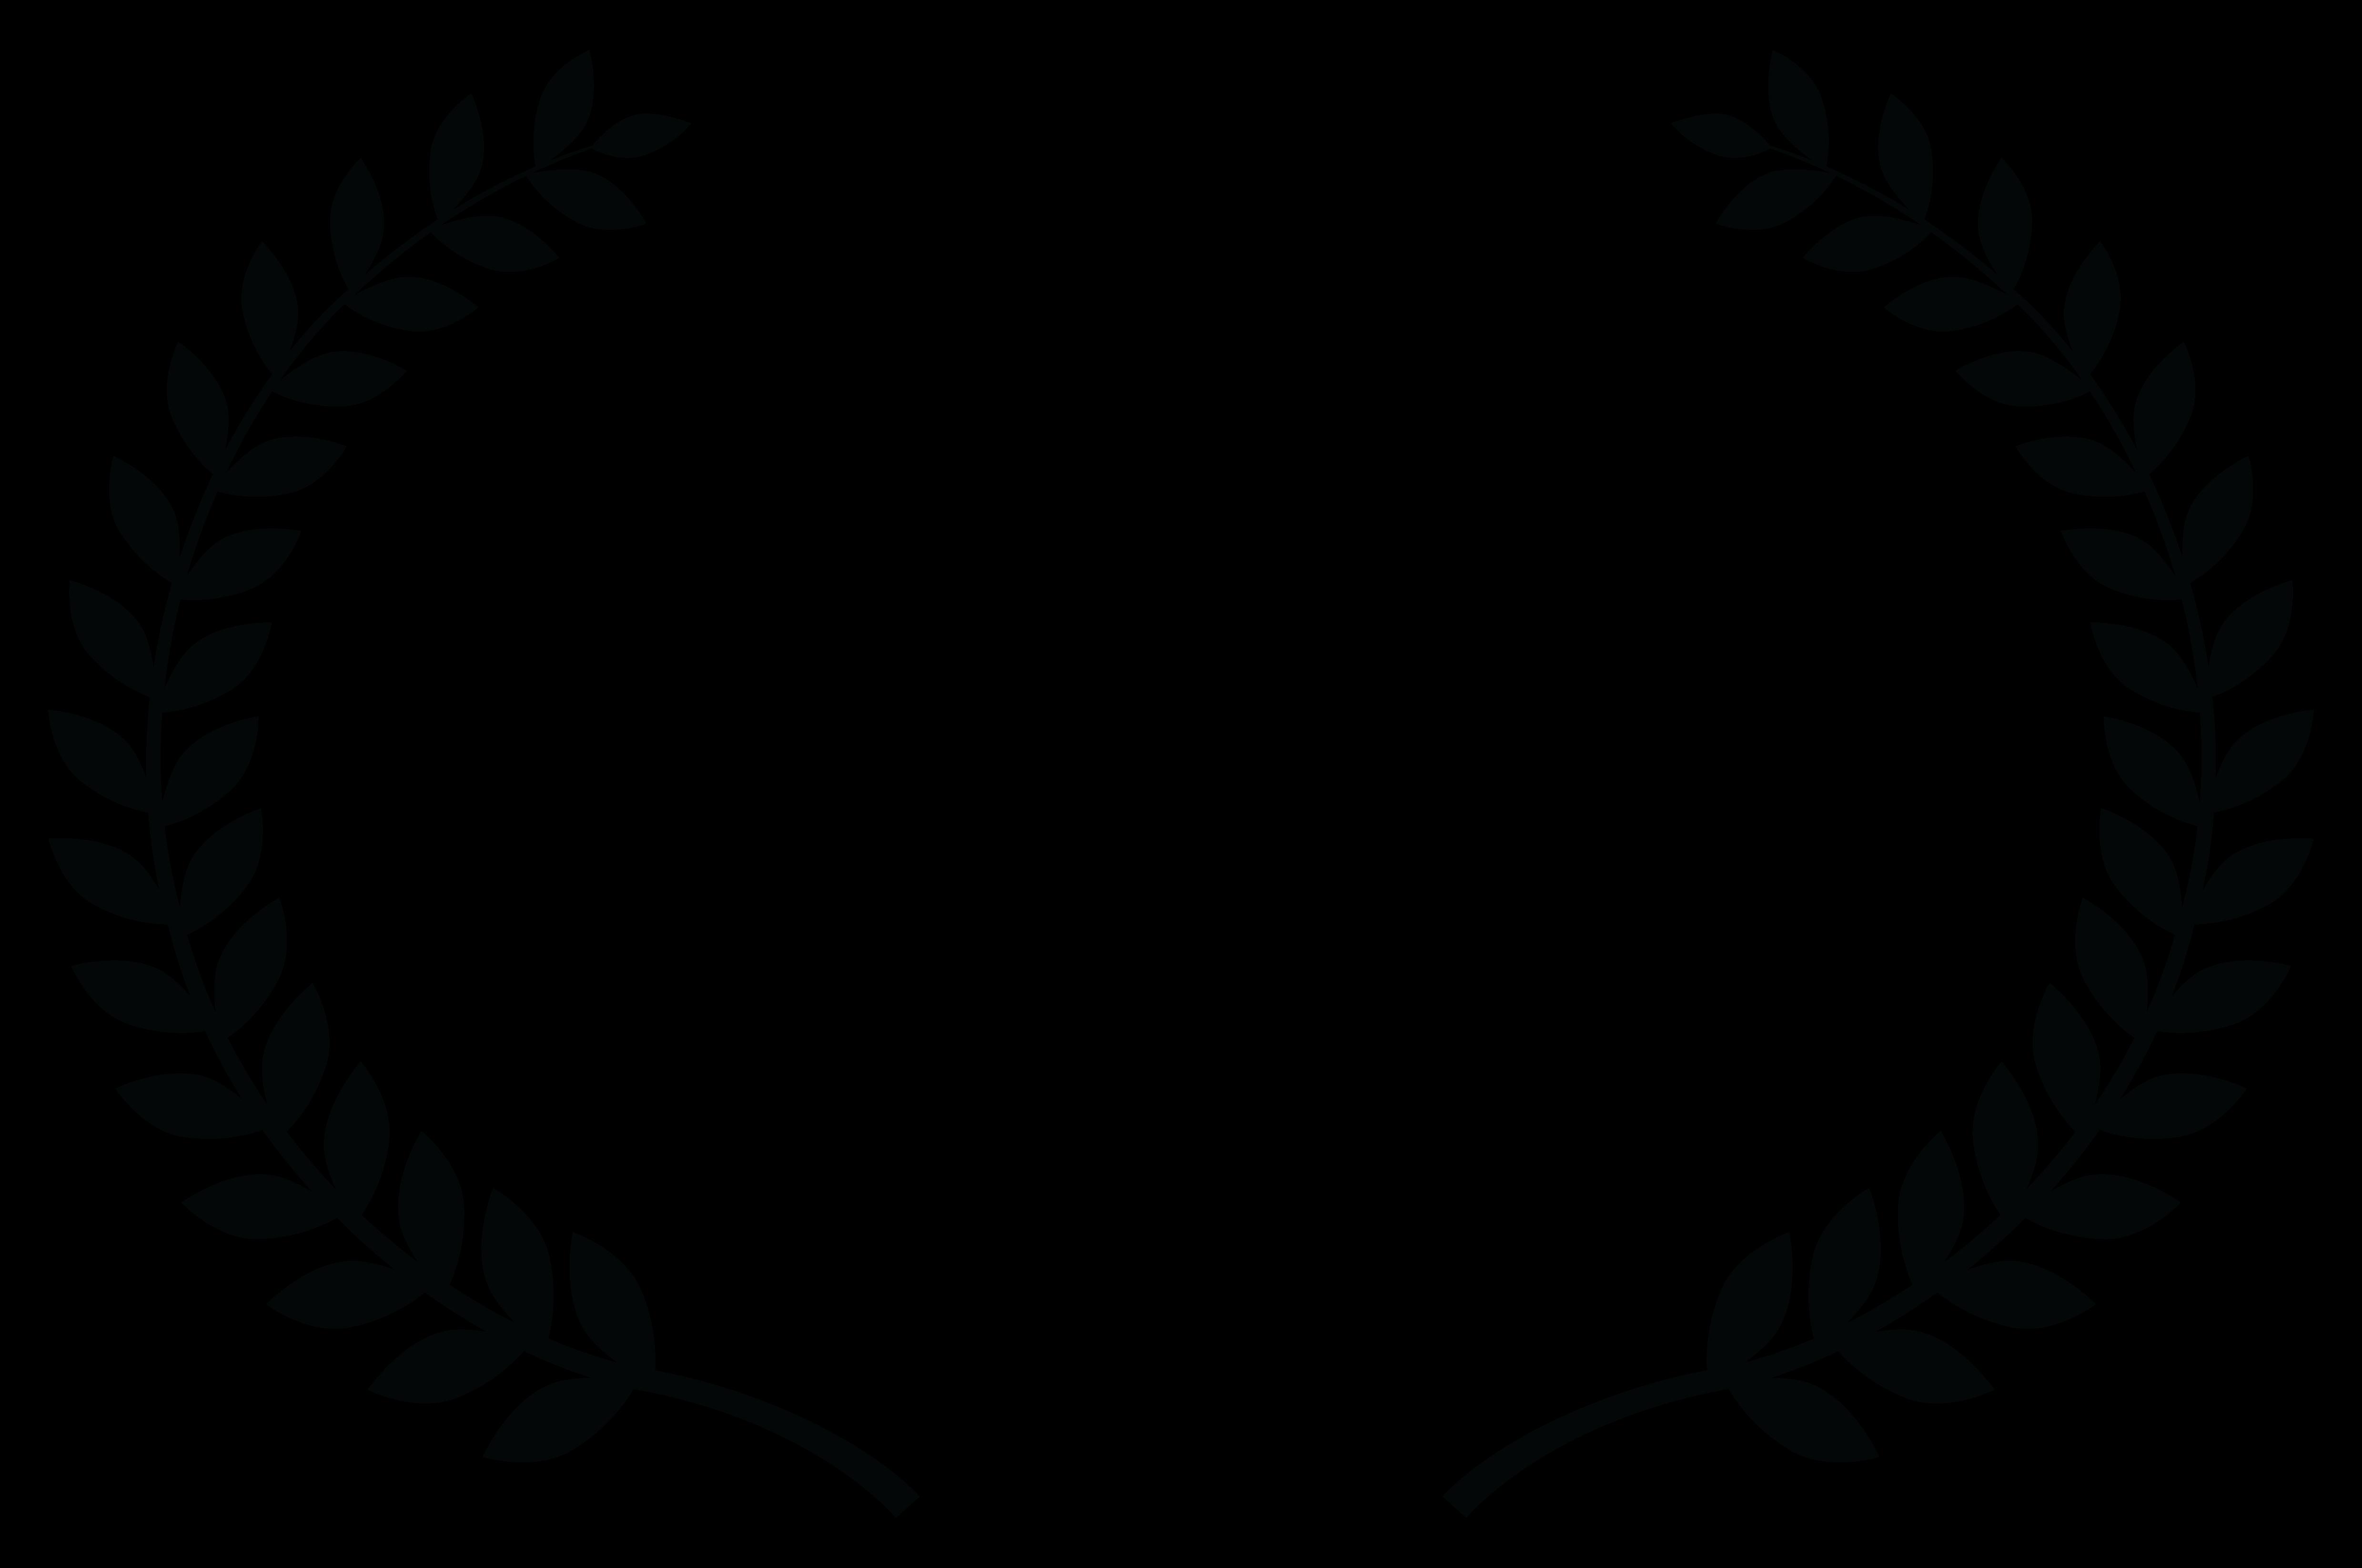 os-laurel-umff-2018.png